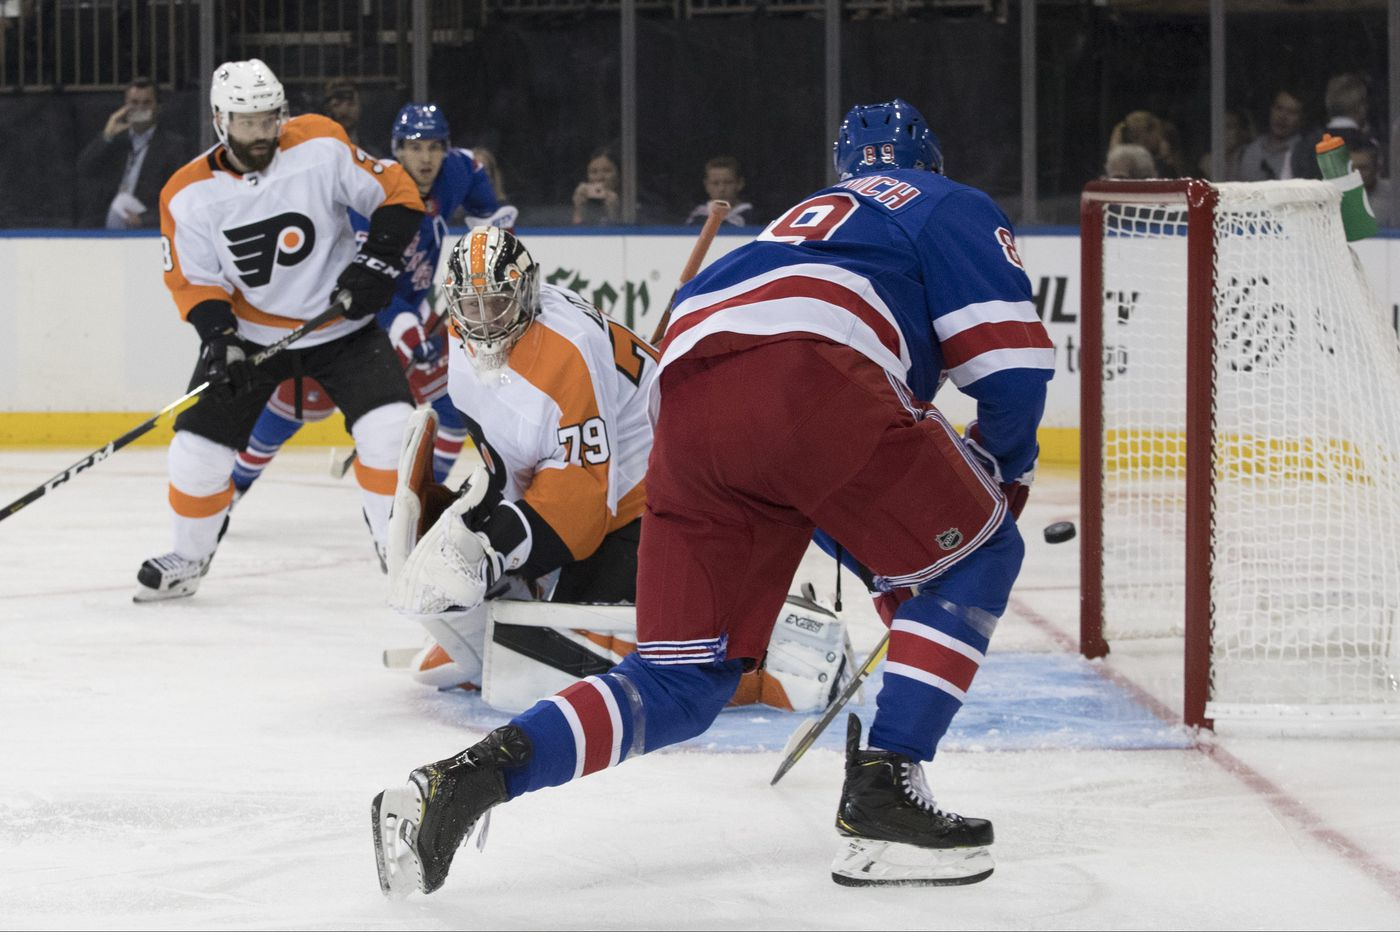 Oskar Lindblom, Carter Hart help Flyers whip Rangers, 6-4